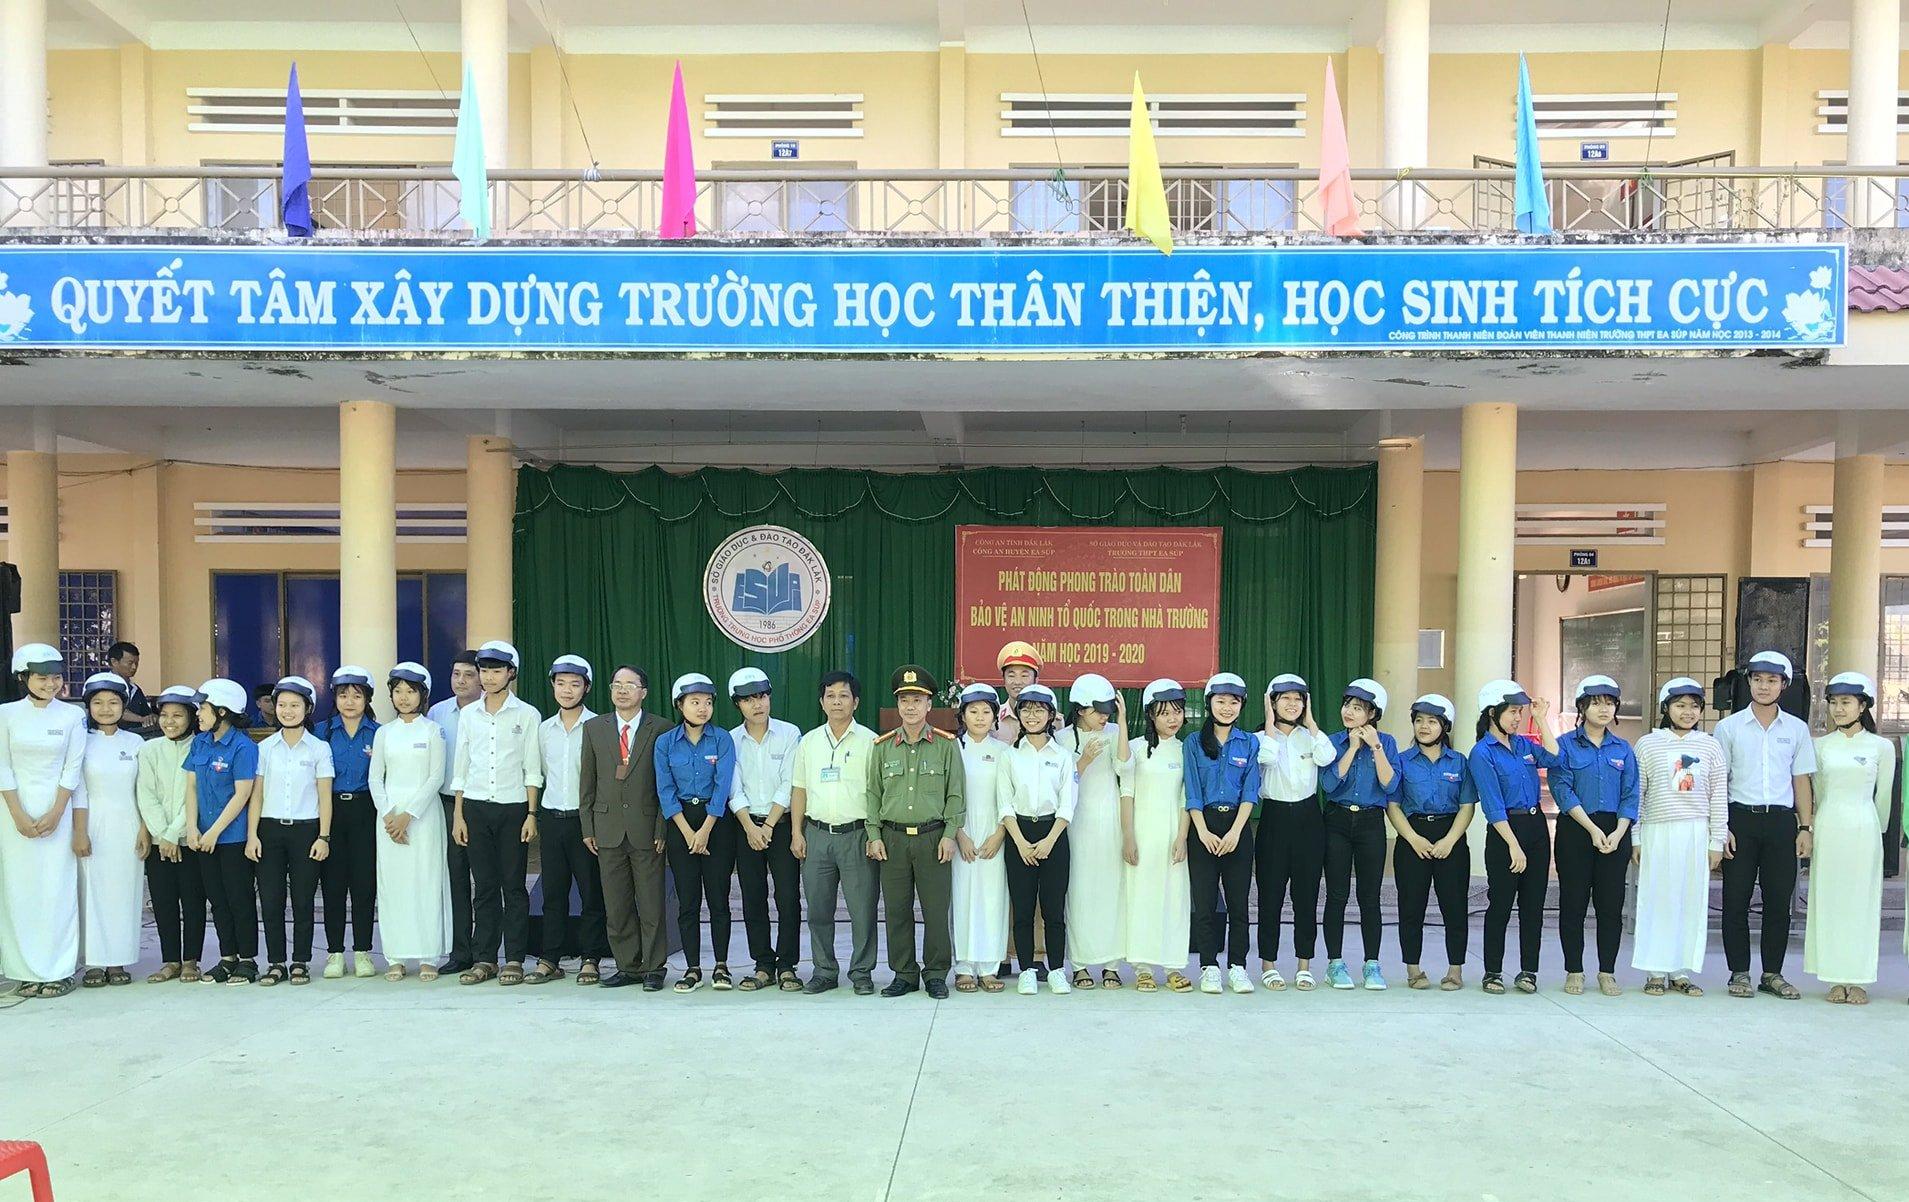 Công an huyện Ea Súp phát động phong trào Toàn dân bảo vệ an ninh tổ quốc trong nhà trường